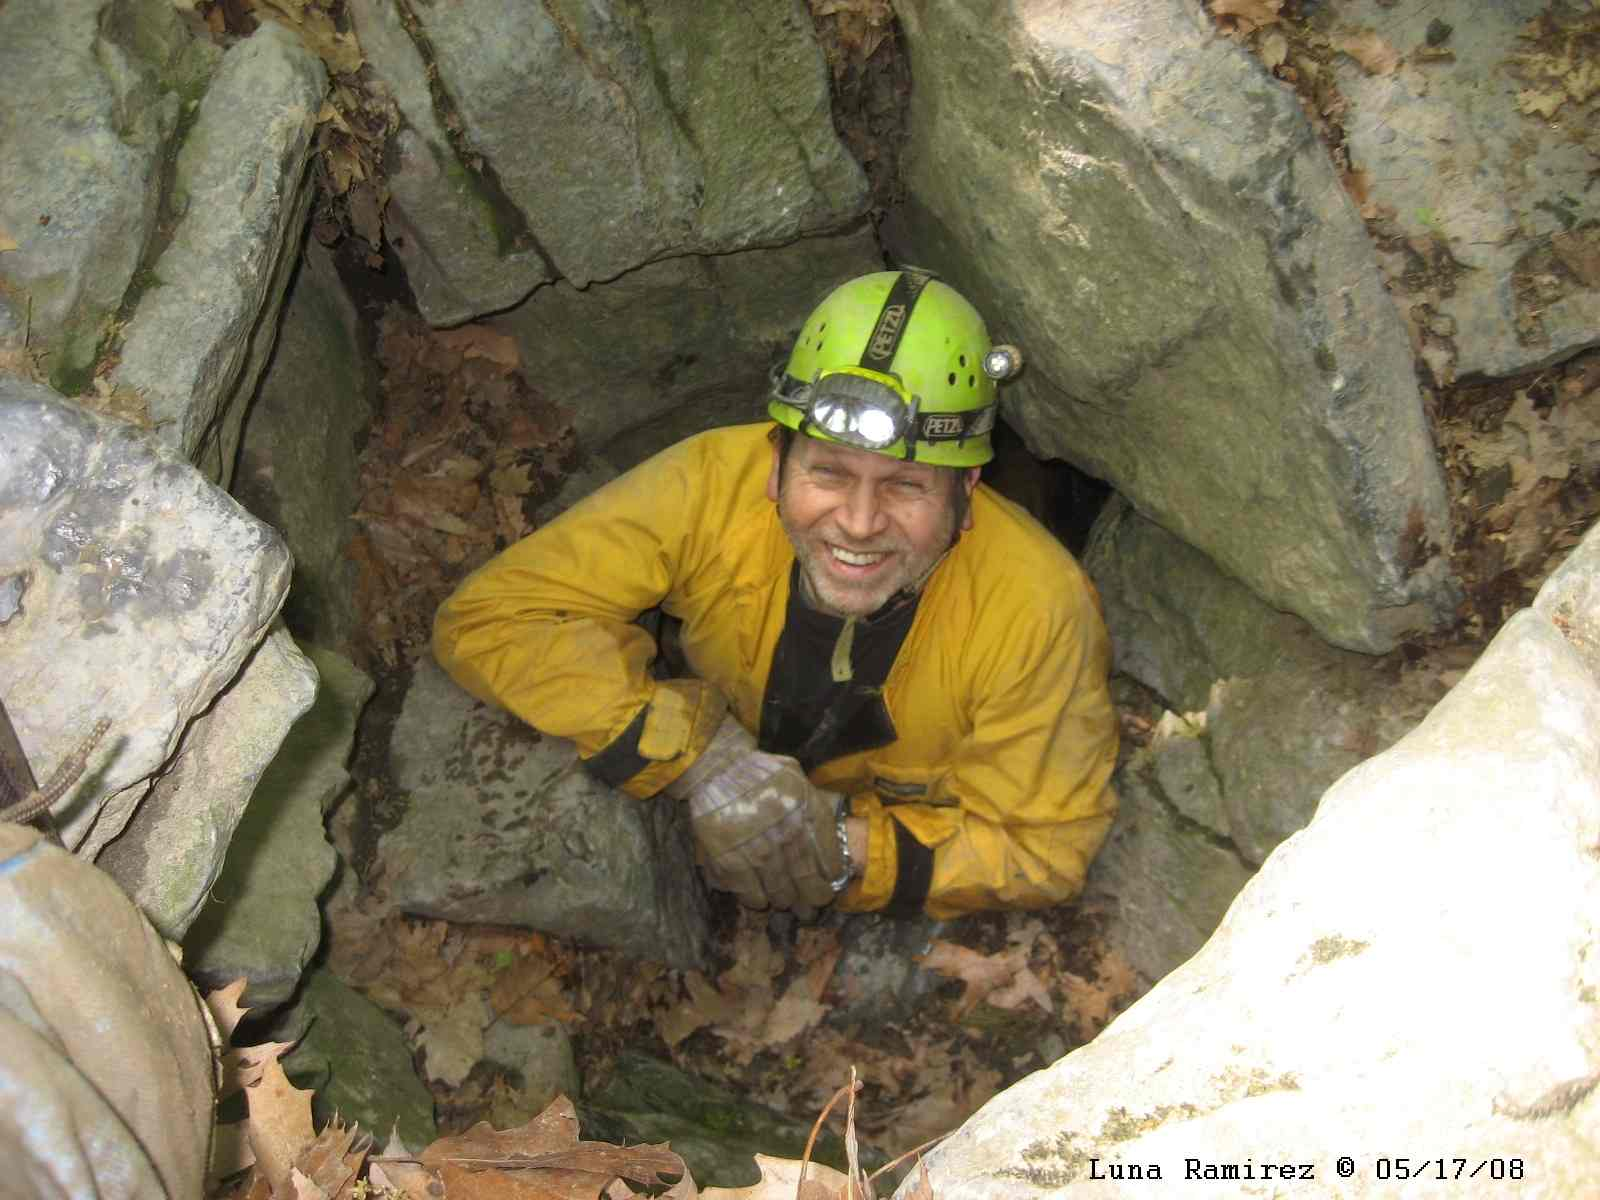 42nd Tikkun Olam Award To Cave Explorer Chris Nicola